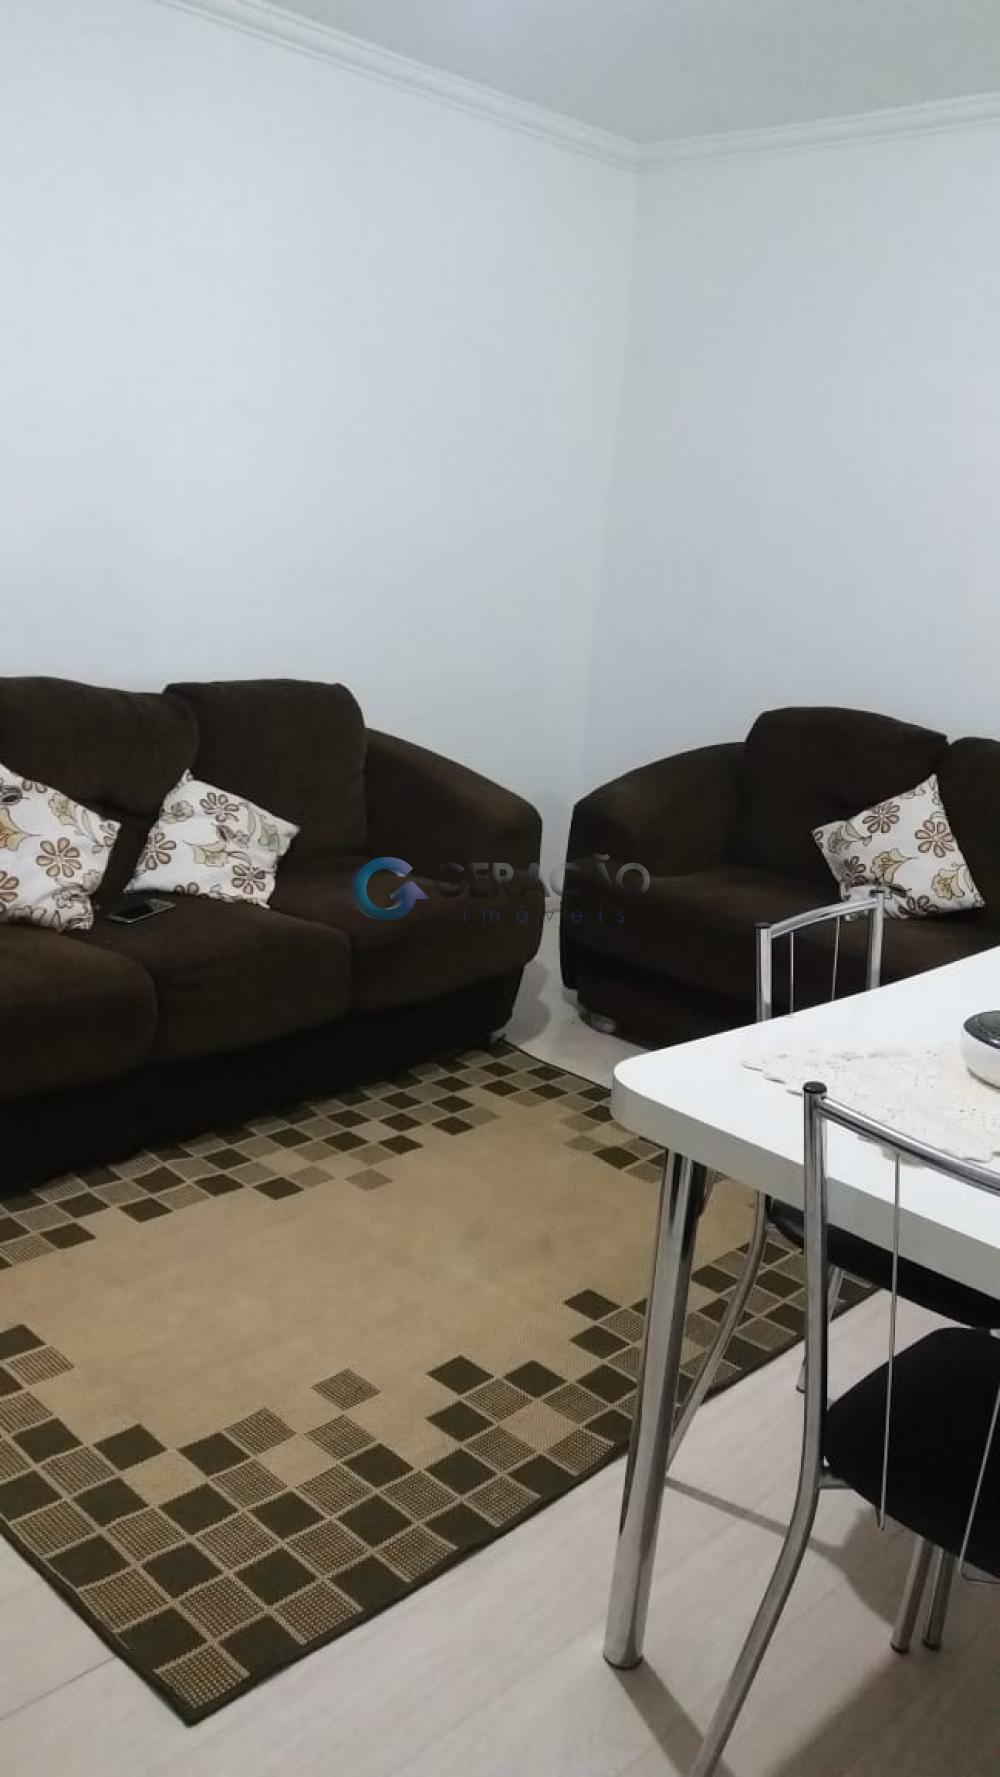 Comprar Apartamento / Padrão em São José dos Campos apenas R$ 165.000,00 - Foto 7